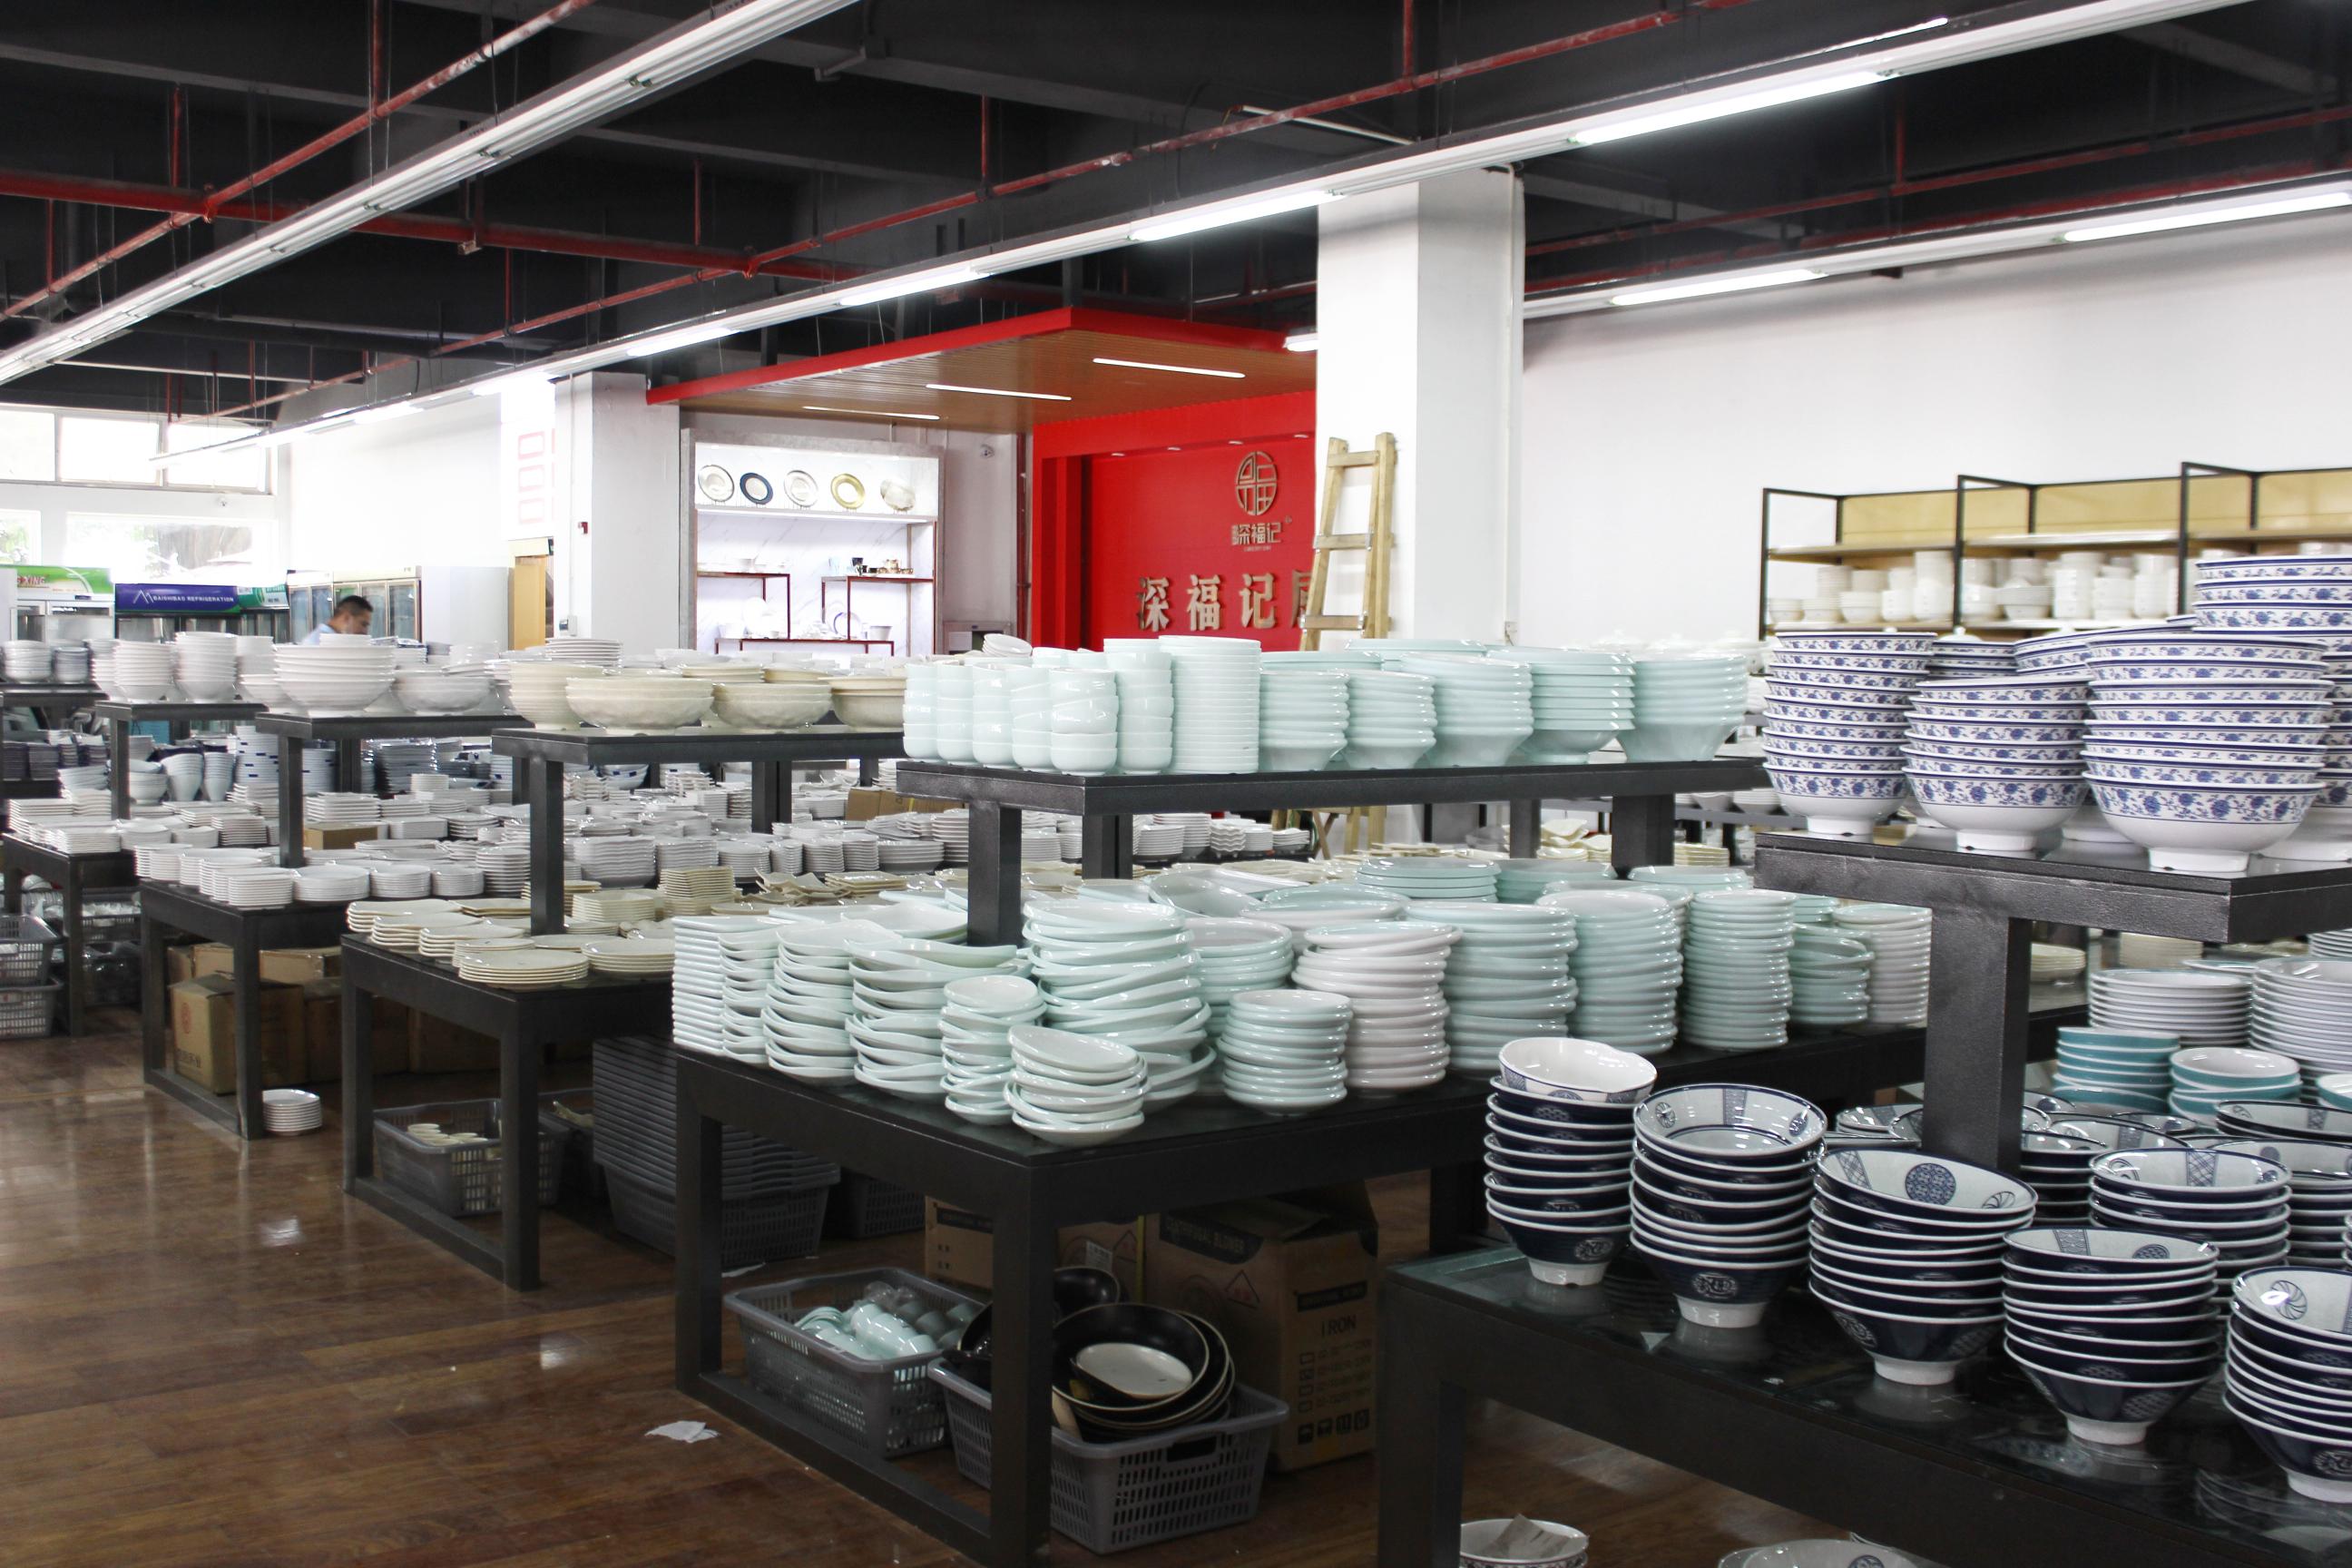 竞博jbo安卓产品展厅